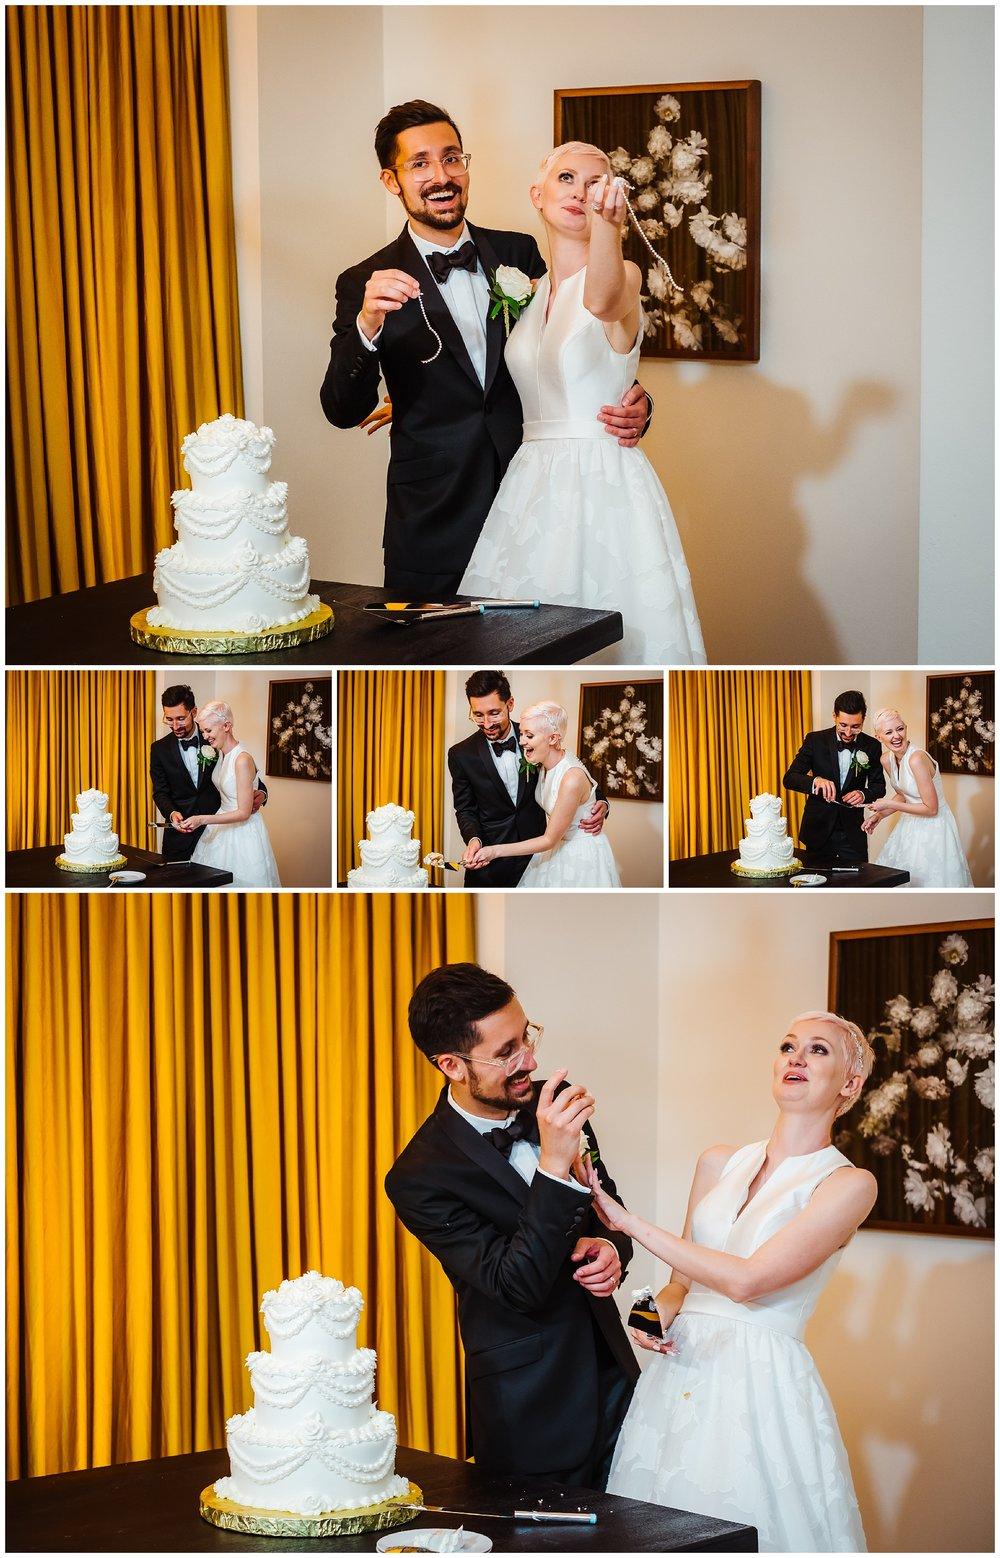 tierra-verde-st-pete-florida-home-luxury-wedding-greenery-pink-pixie-bride_0083.jpg